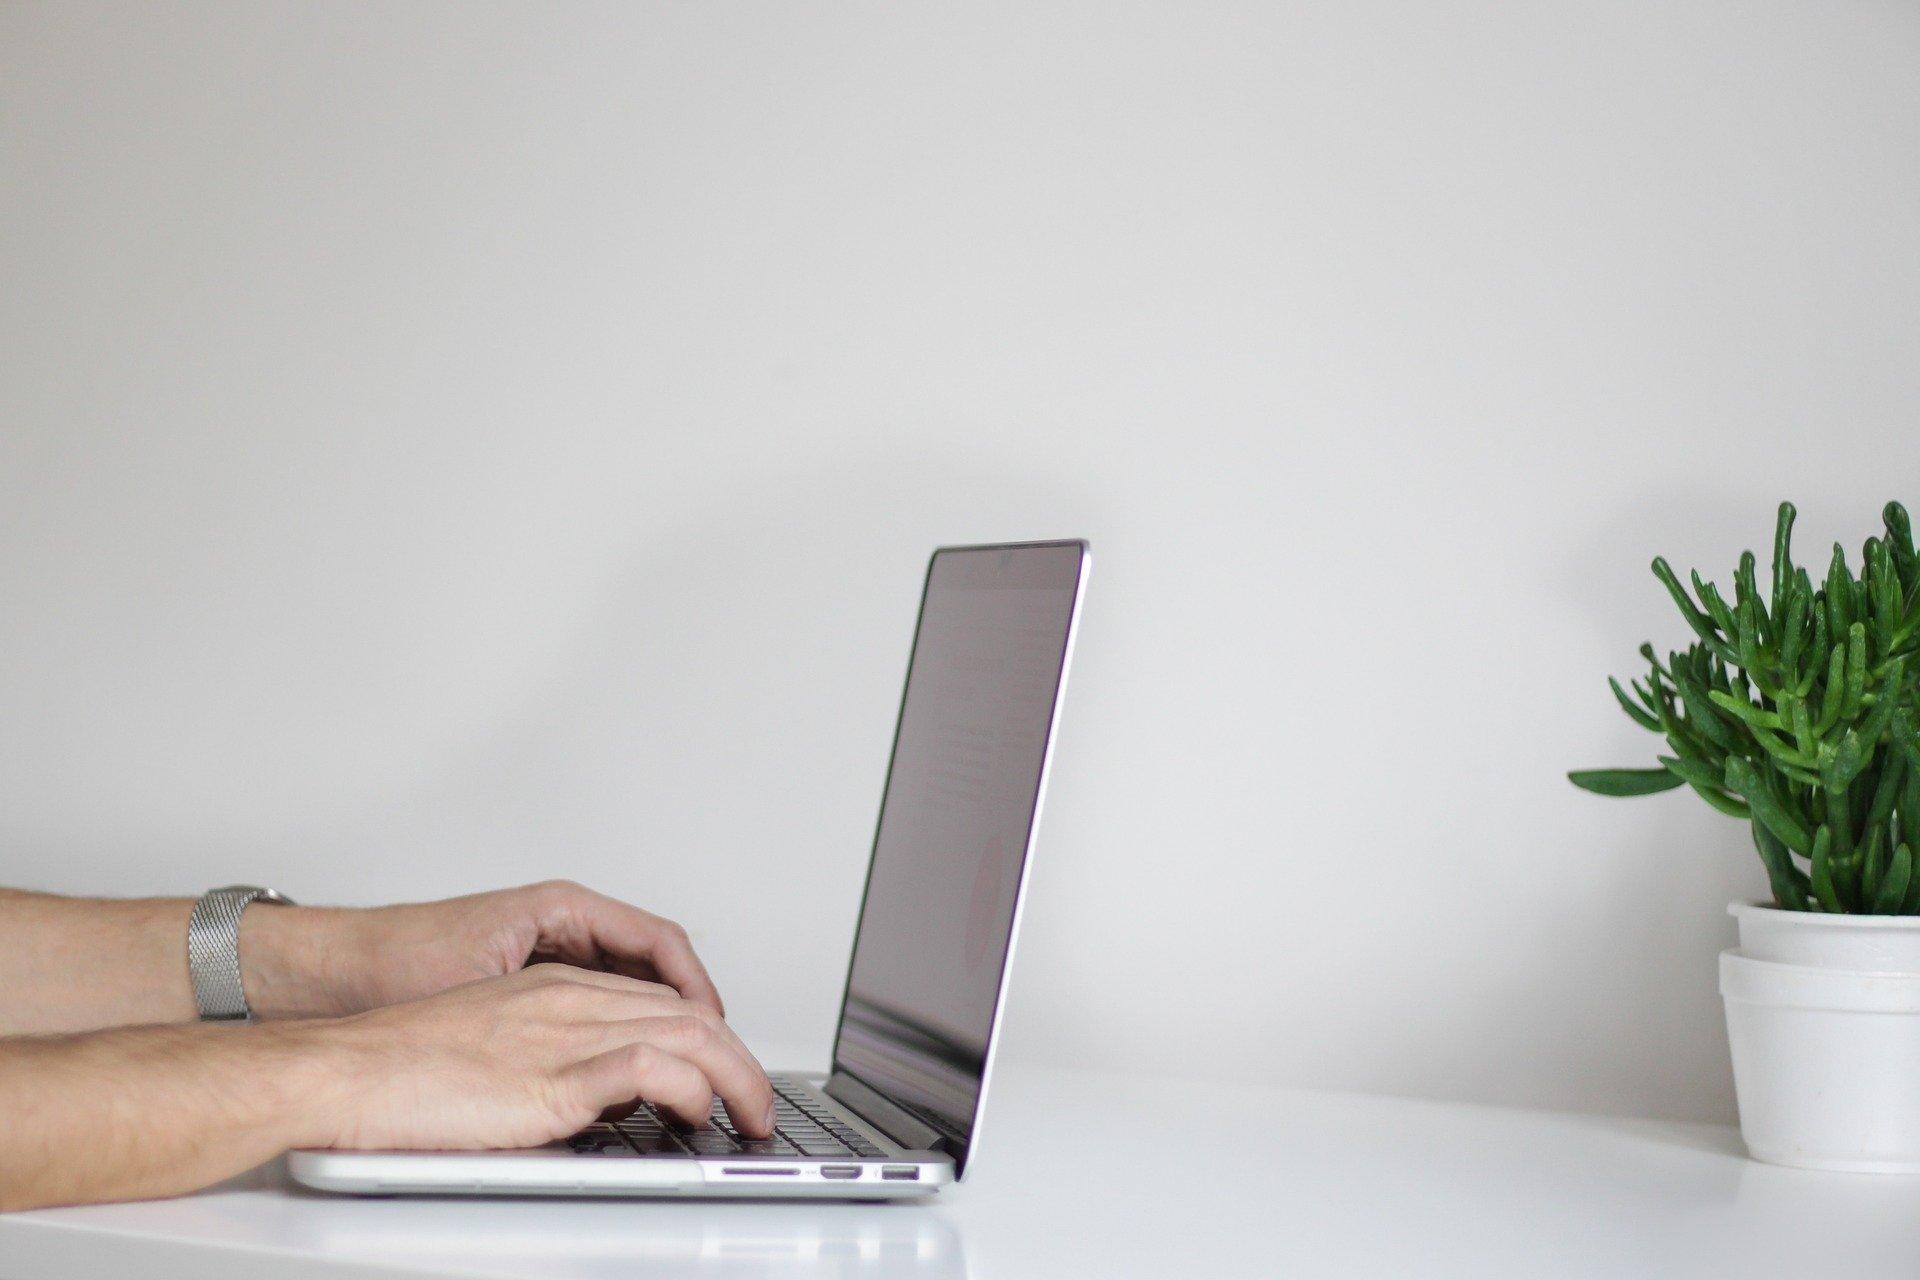 Foto de uma mesa branca com um computador, enquanto uma pessoa digita. Ao lado vemos uma planta em um vaso também branco. Imagem ilustrativa para texto corretora e seguradora.